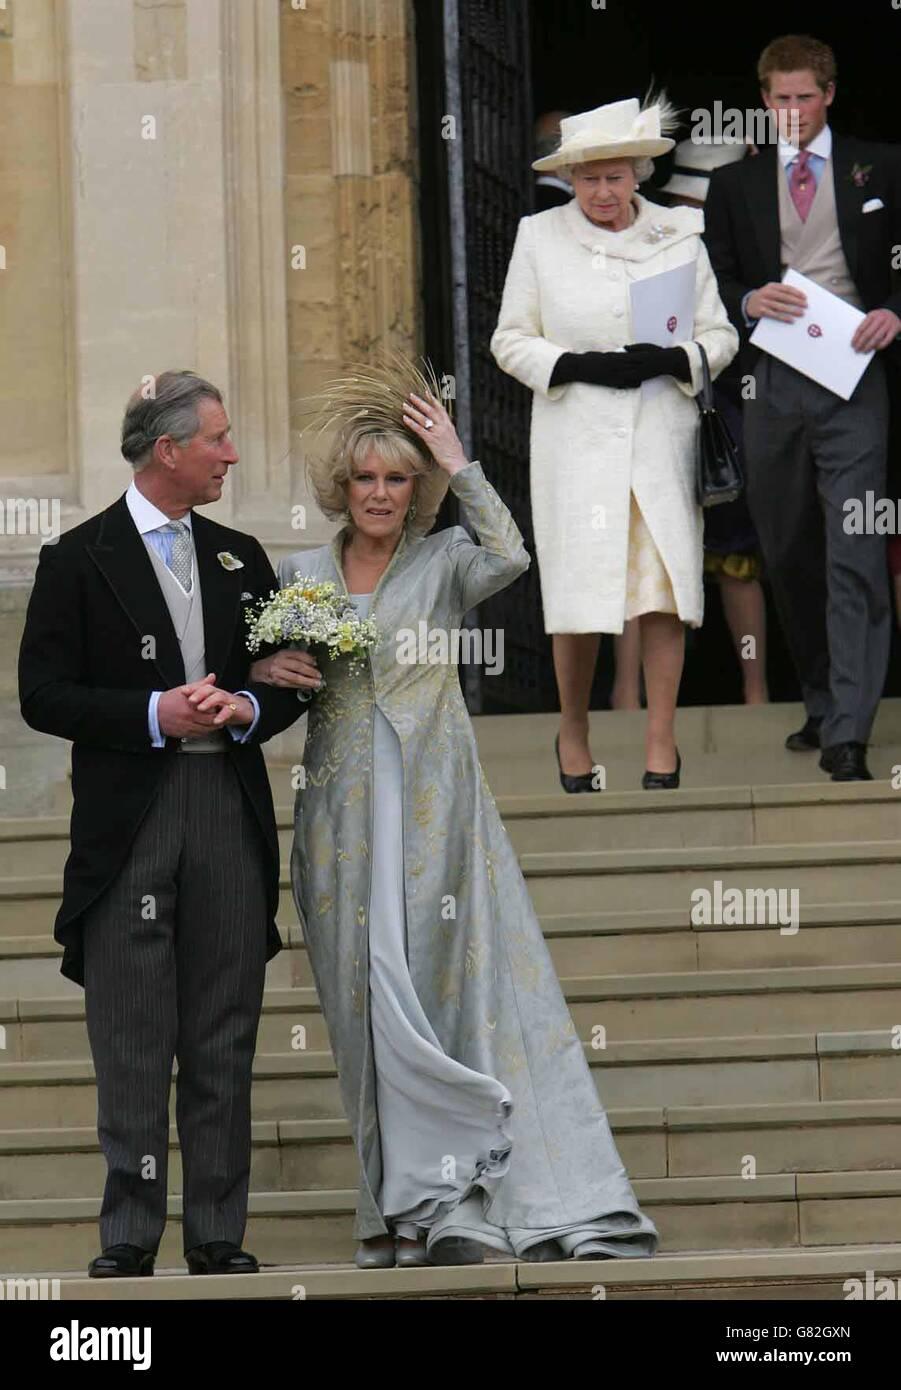 Prince Charles Wedding Cake